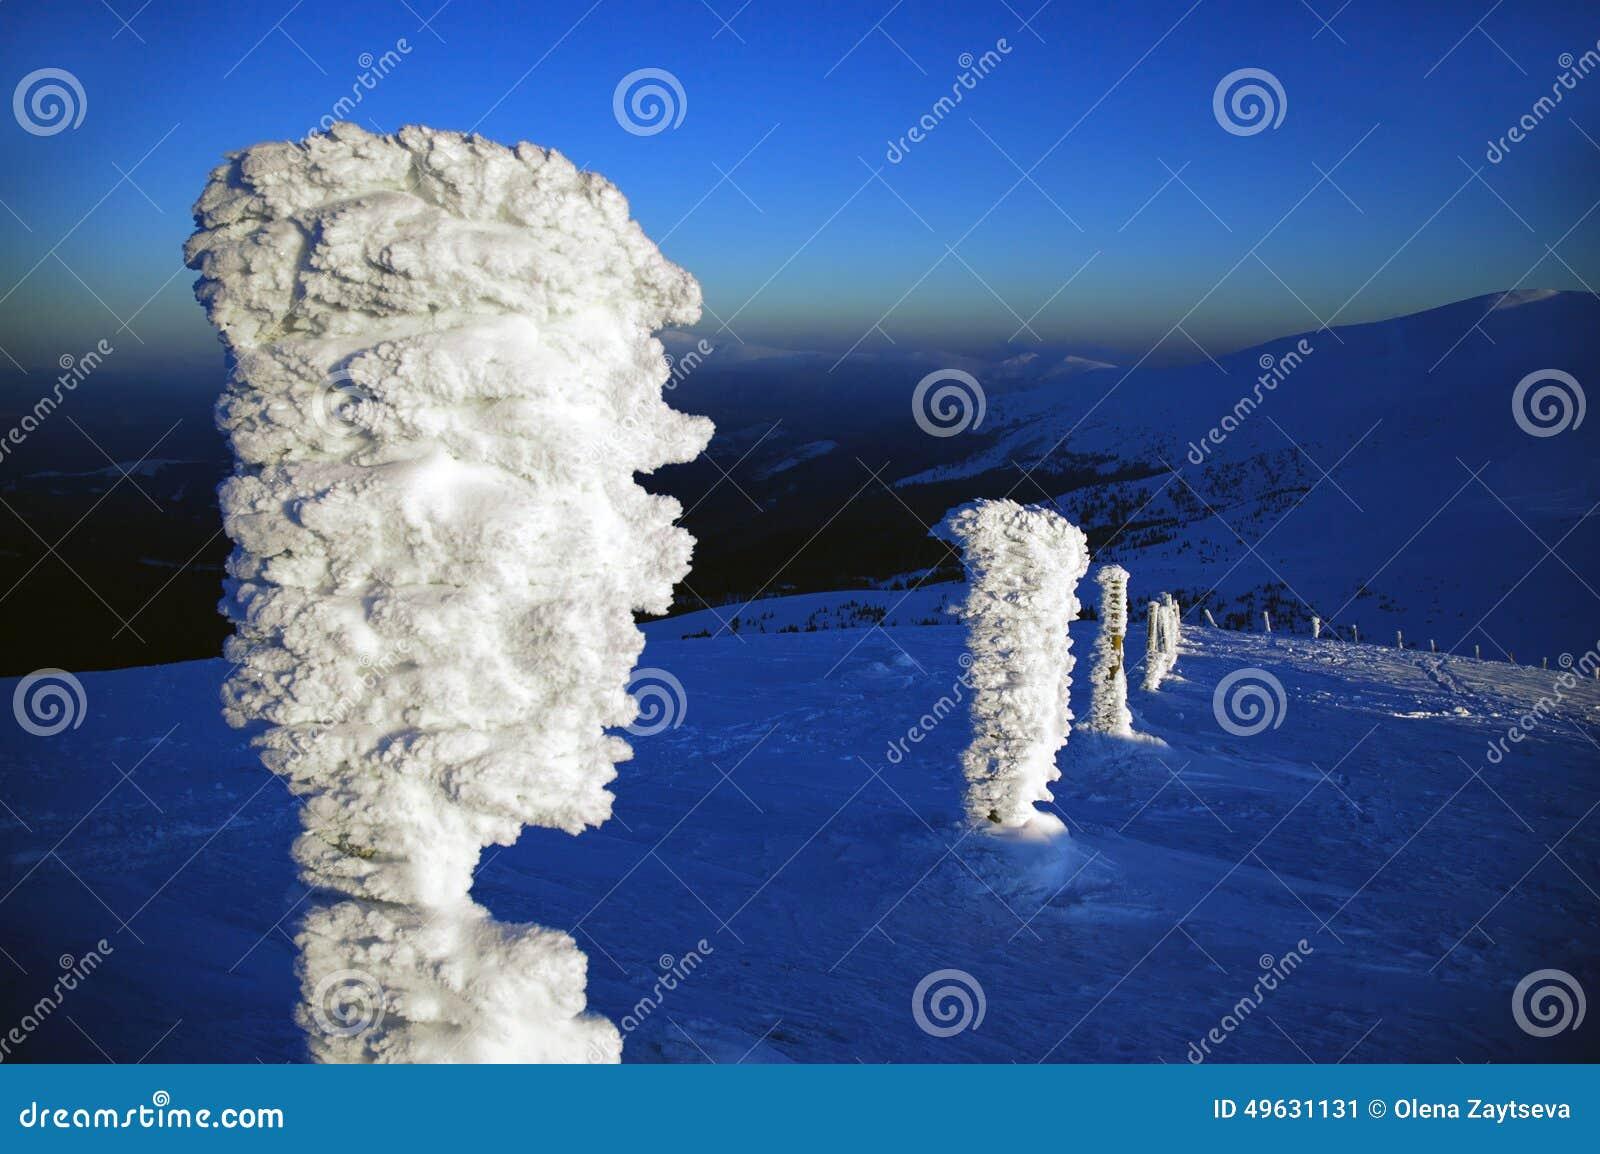 Idole de glace dans les montagnes carpathiennes